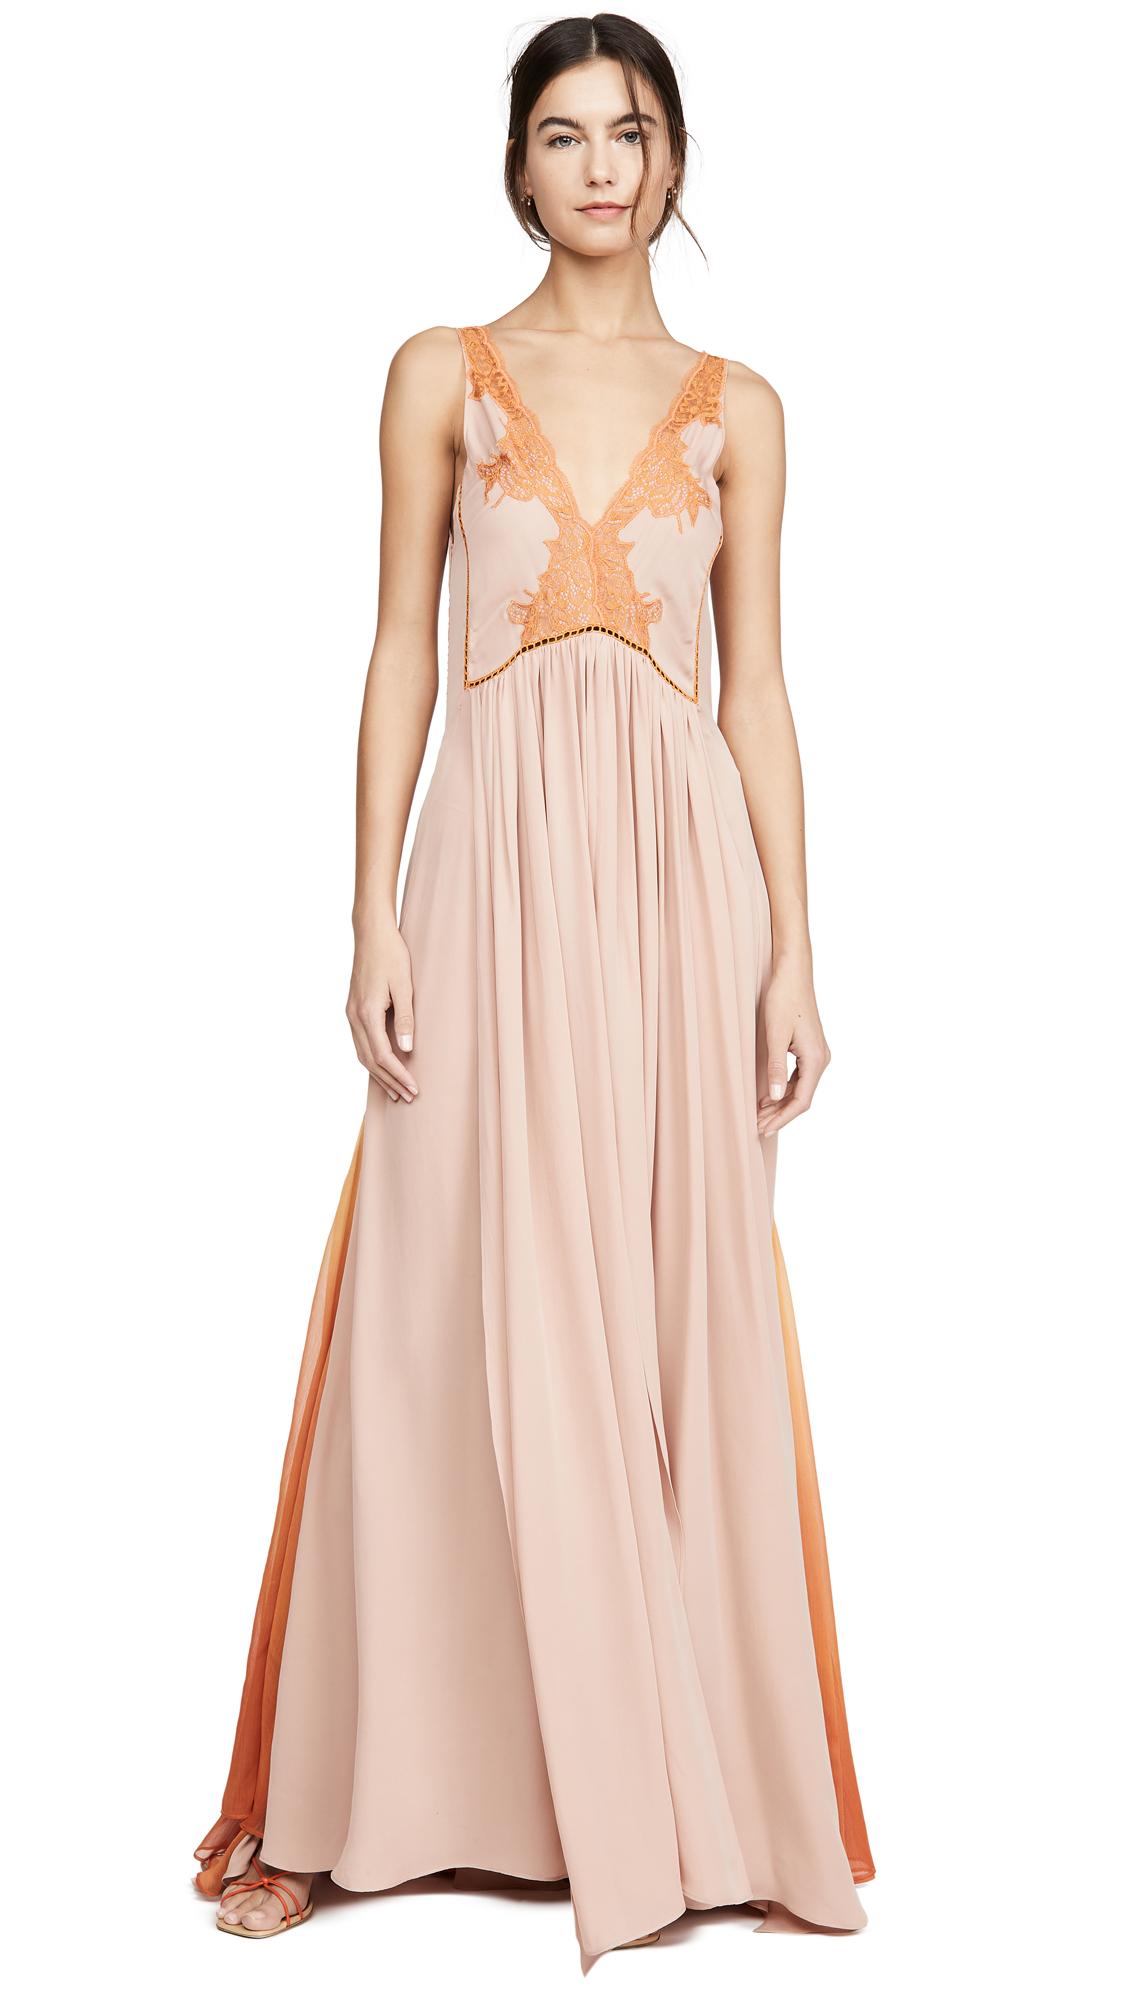 Buy Jonathan Simkhai Ombre Chiffon Fire Gown online beautiful Jonathan Simkhai Dresses, Strapless